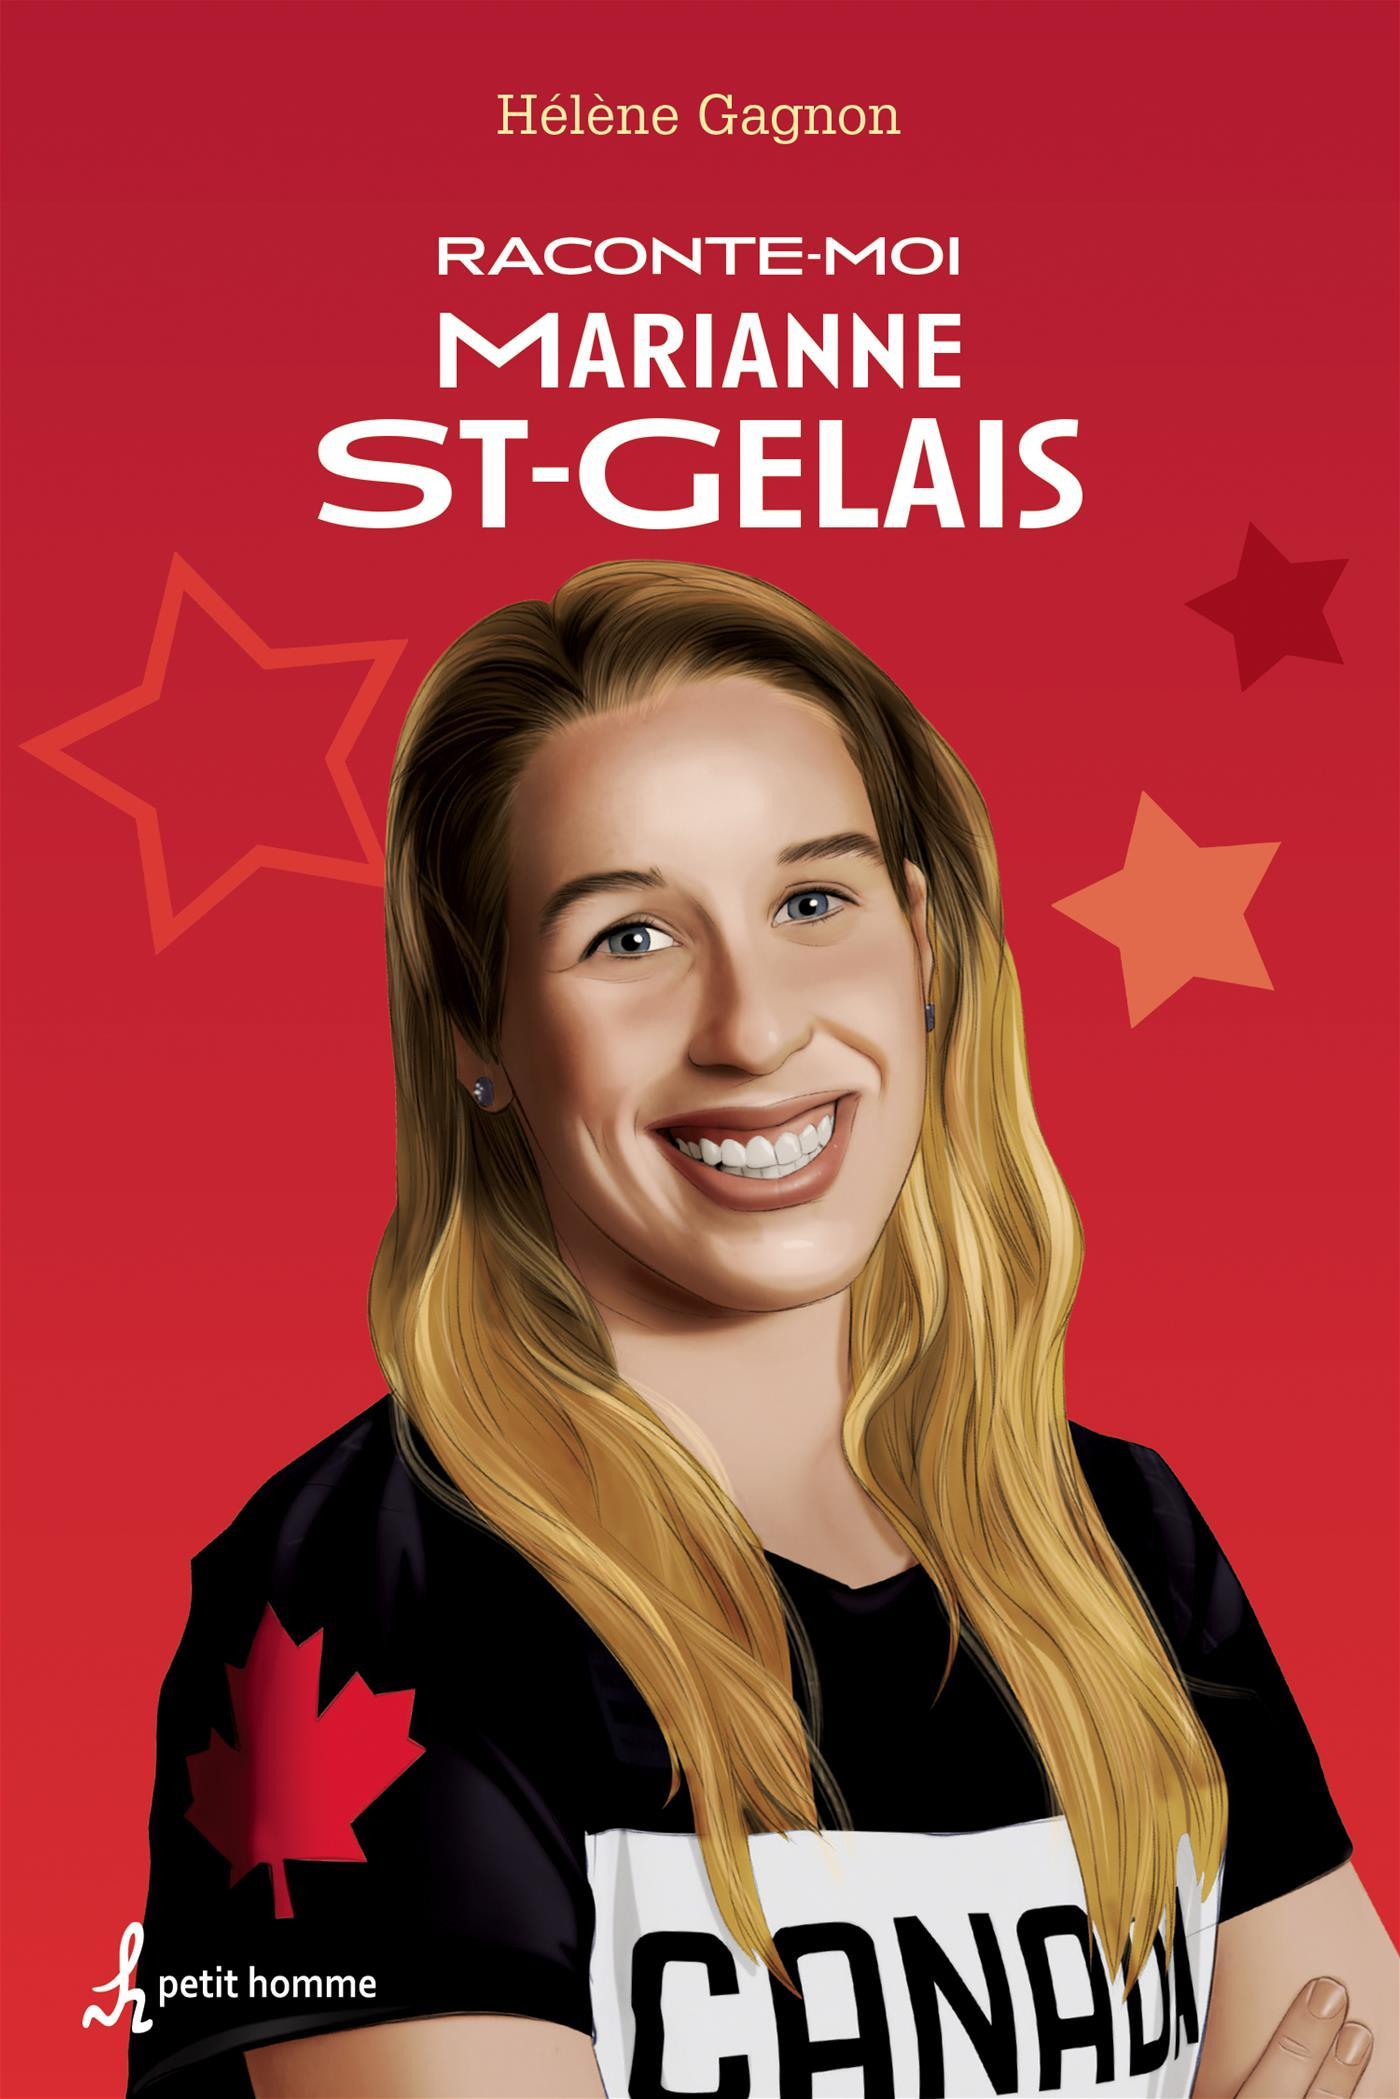 Raconte-moi Marianne St-Gelais - Nº 45